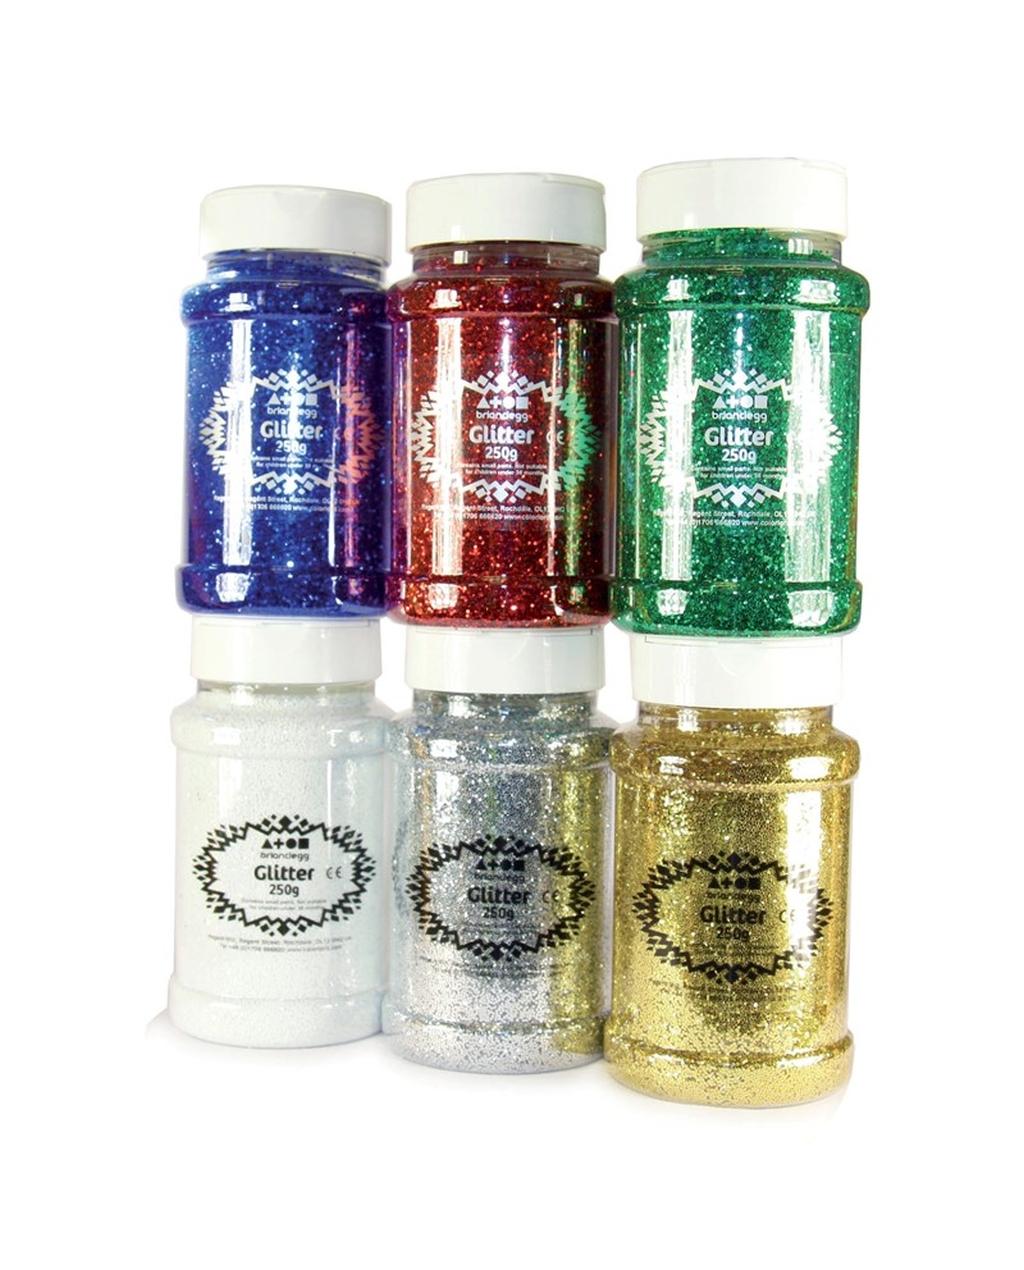 Glitter Flakes Shaker 250g Green